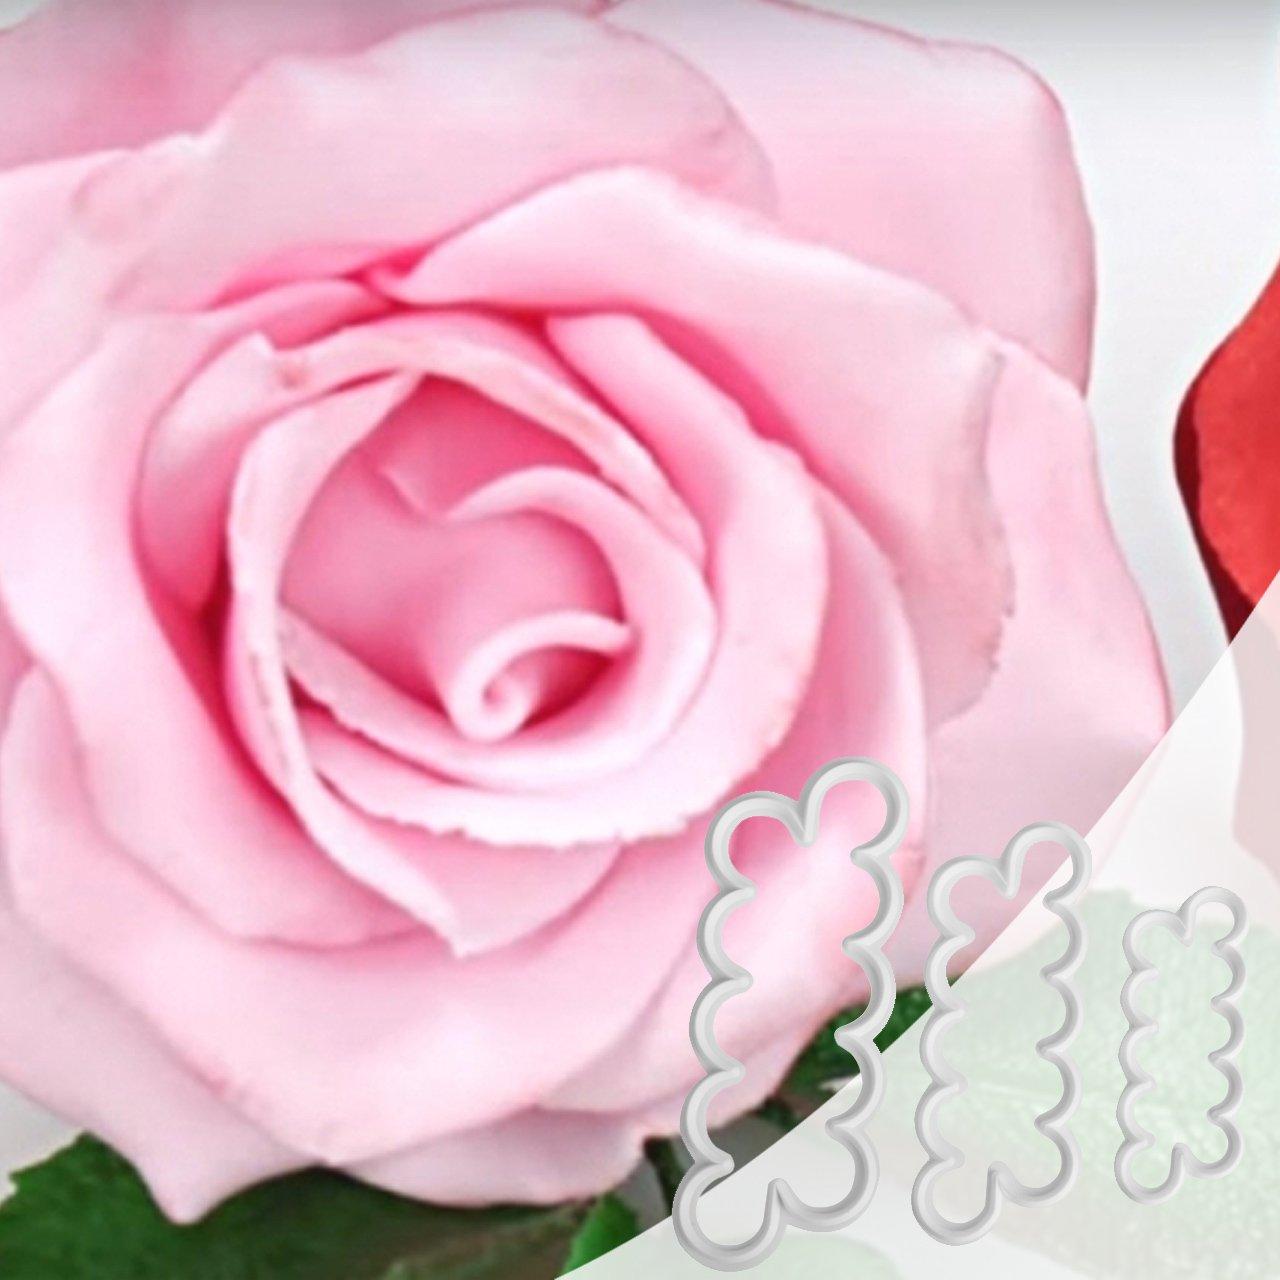 Newcomdigi 3 Pcs Plantillas para Decoración de Tartas Pasteles, Cortador de Flores Rosa Volantes Molde de Flores Rosa para Modelar Pétalo, ...